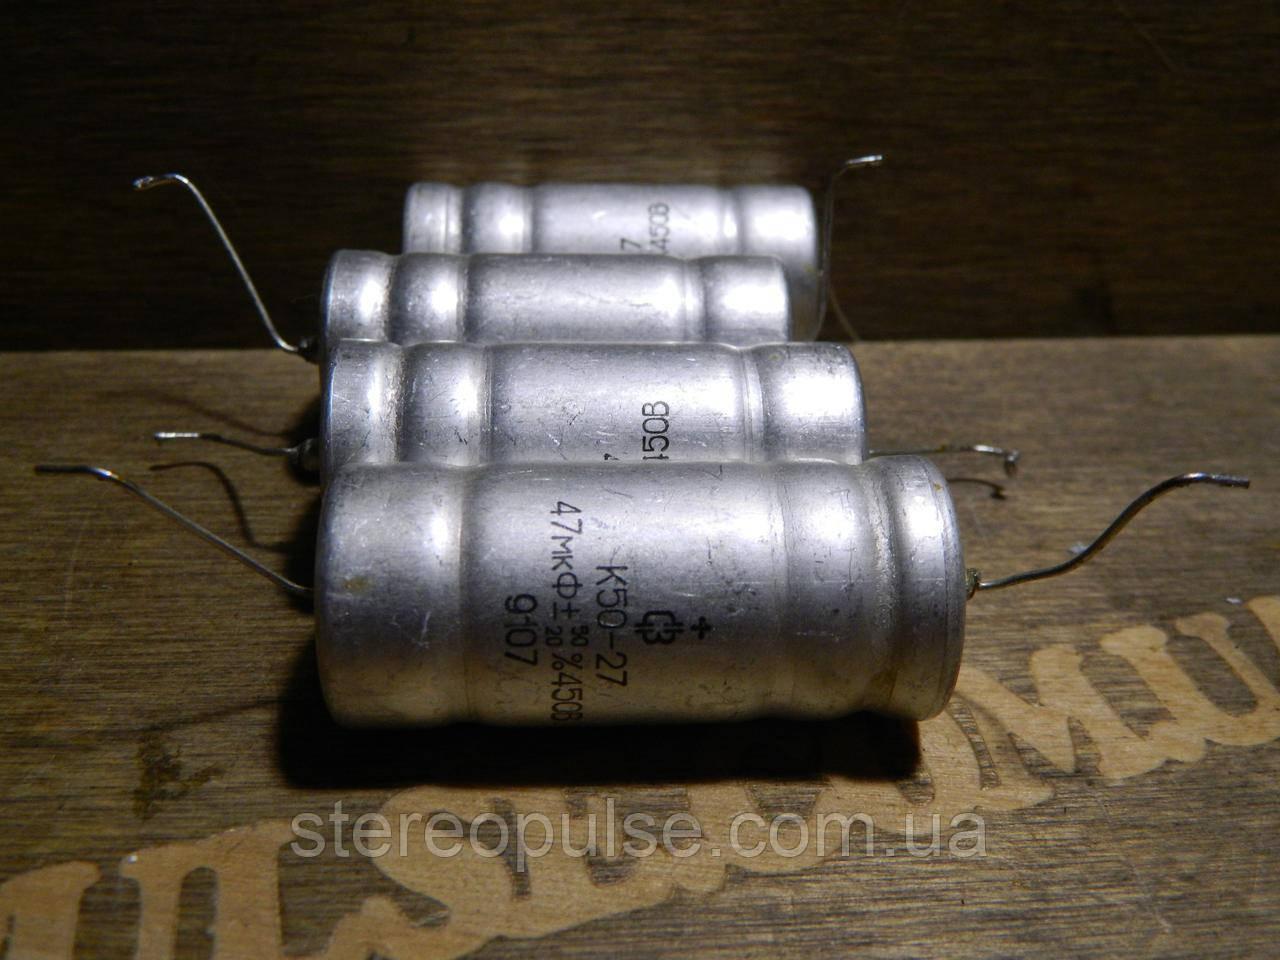 Конденсатор К50 - 27 47 мкФ - 450 В .